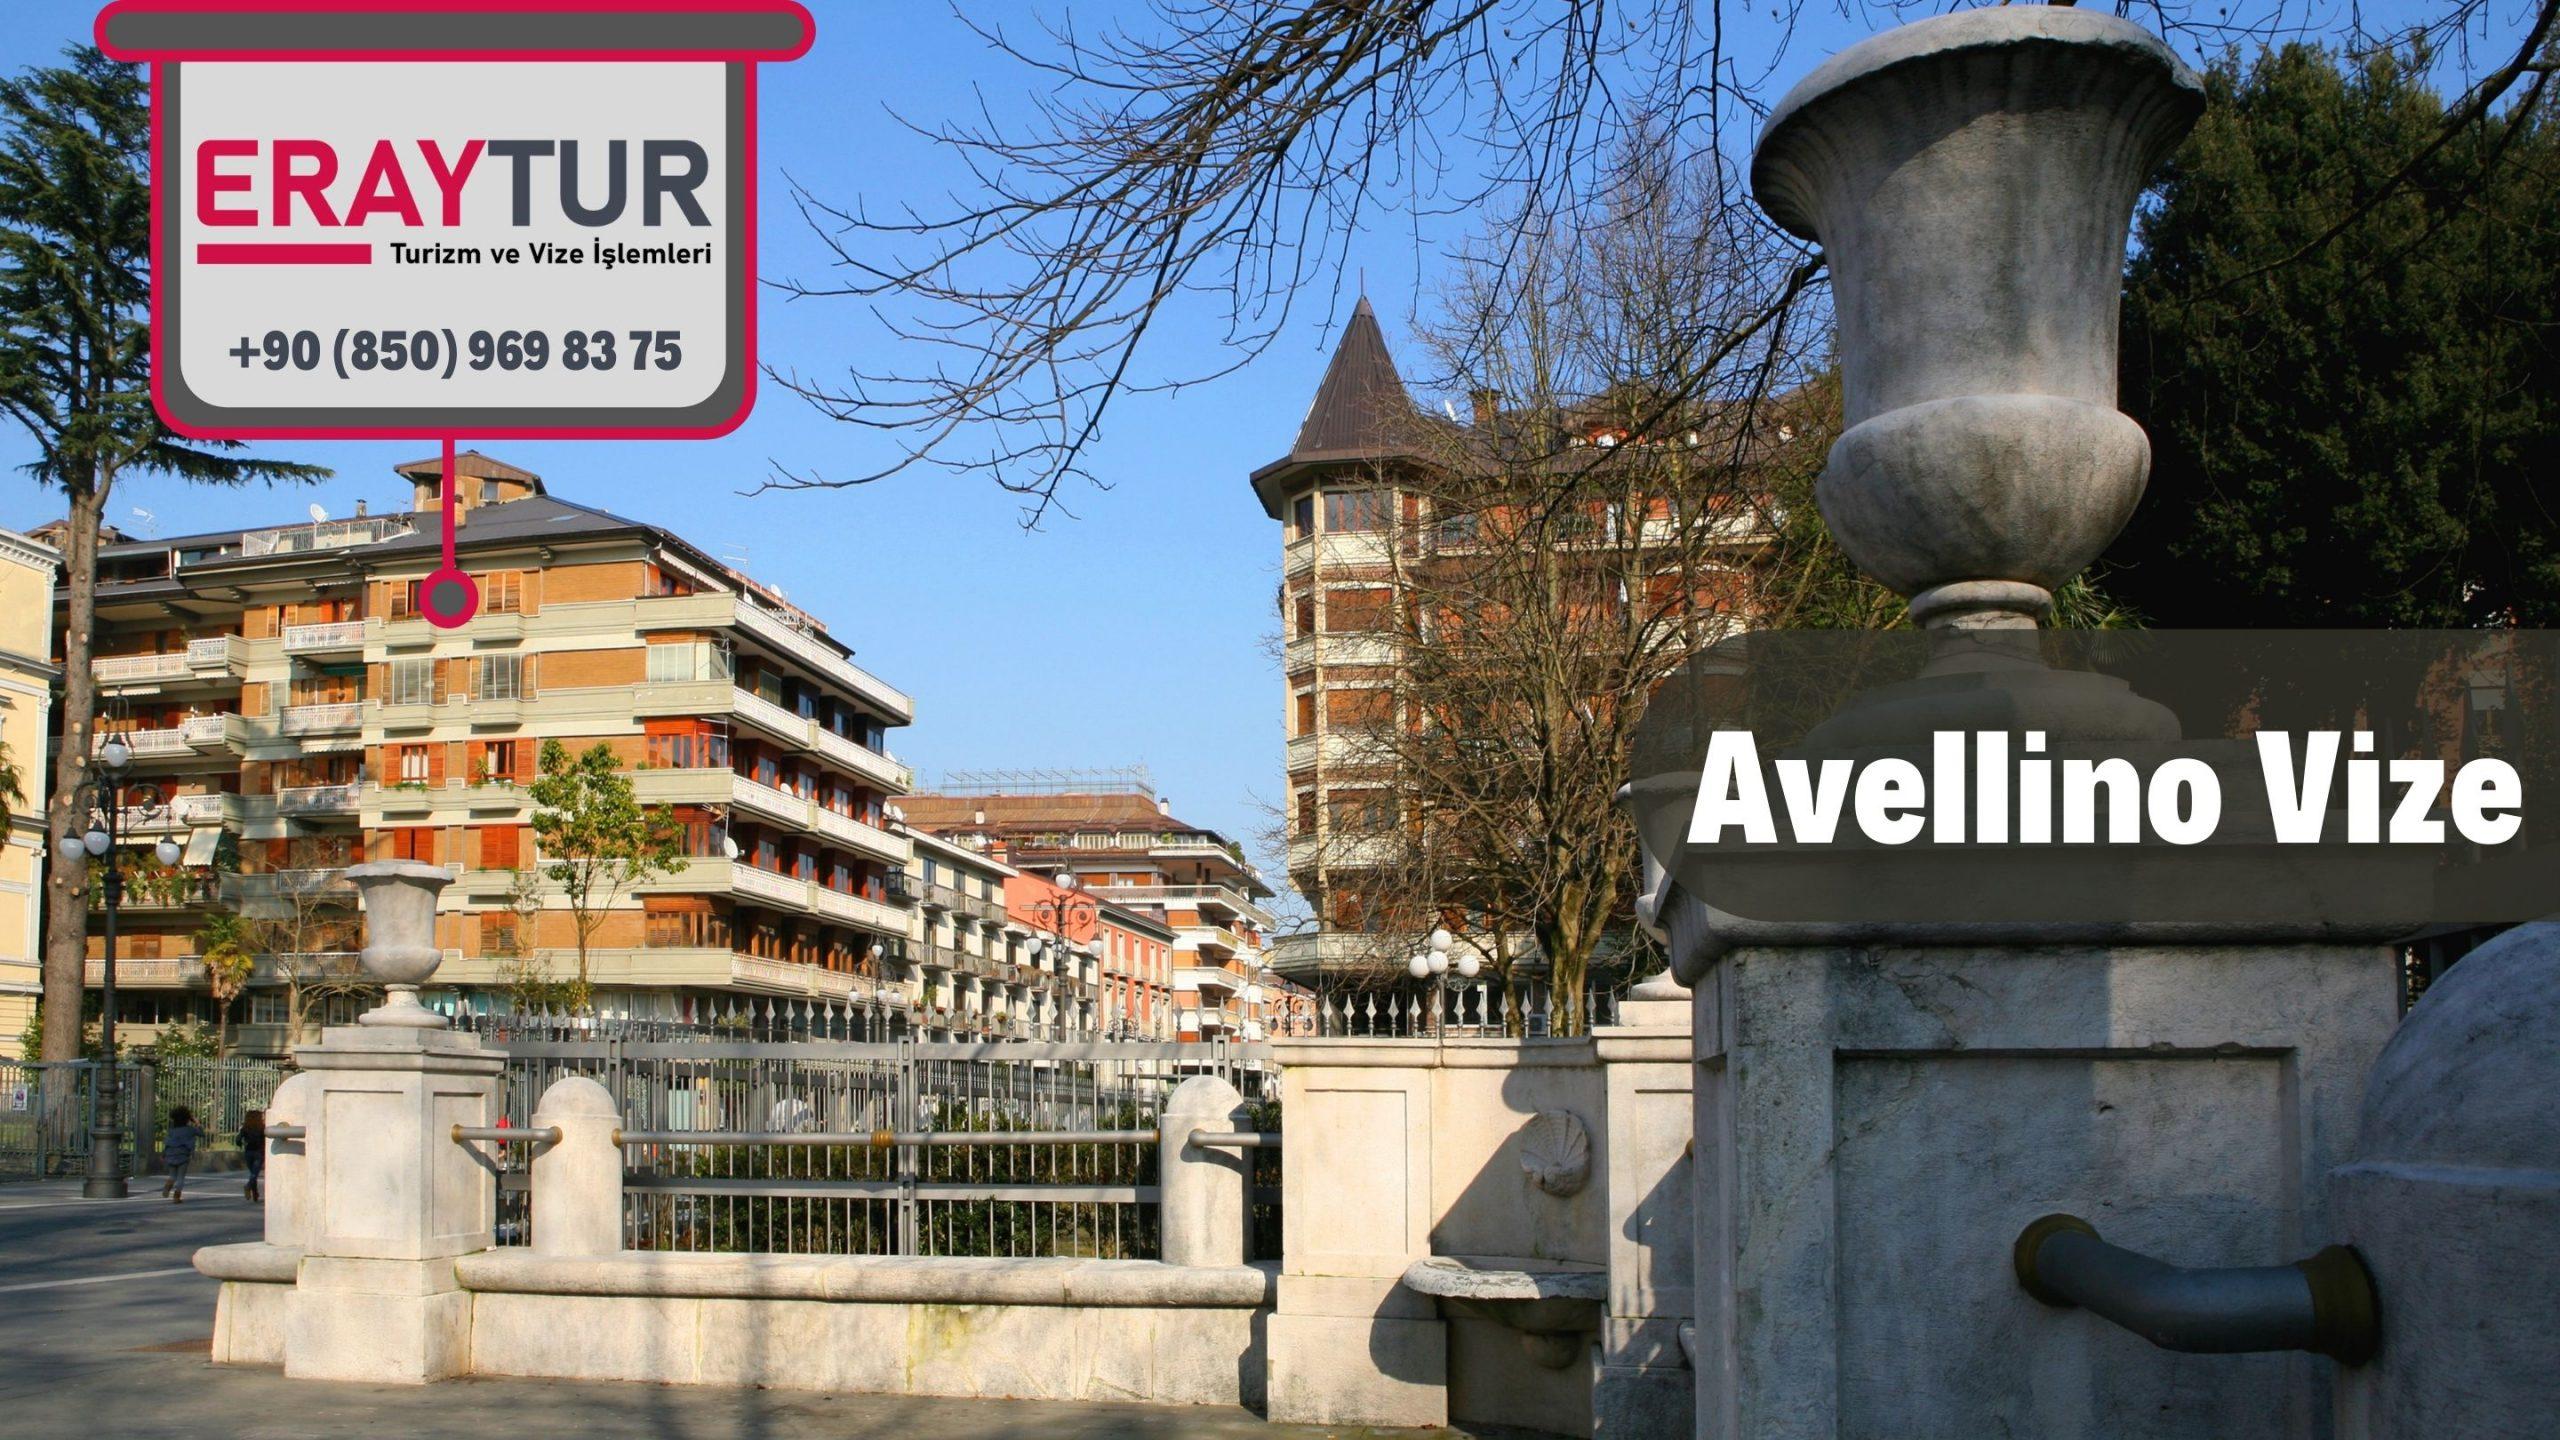 İtalya Avellino Vize Başvurusu